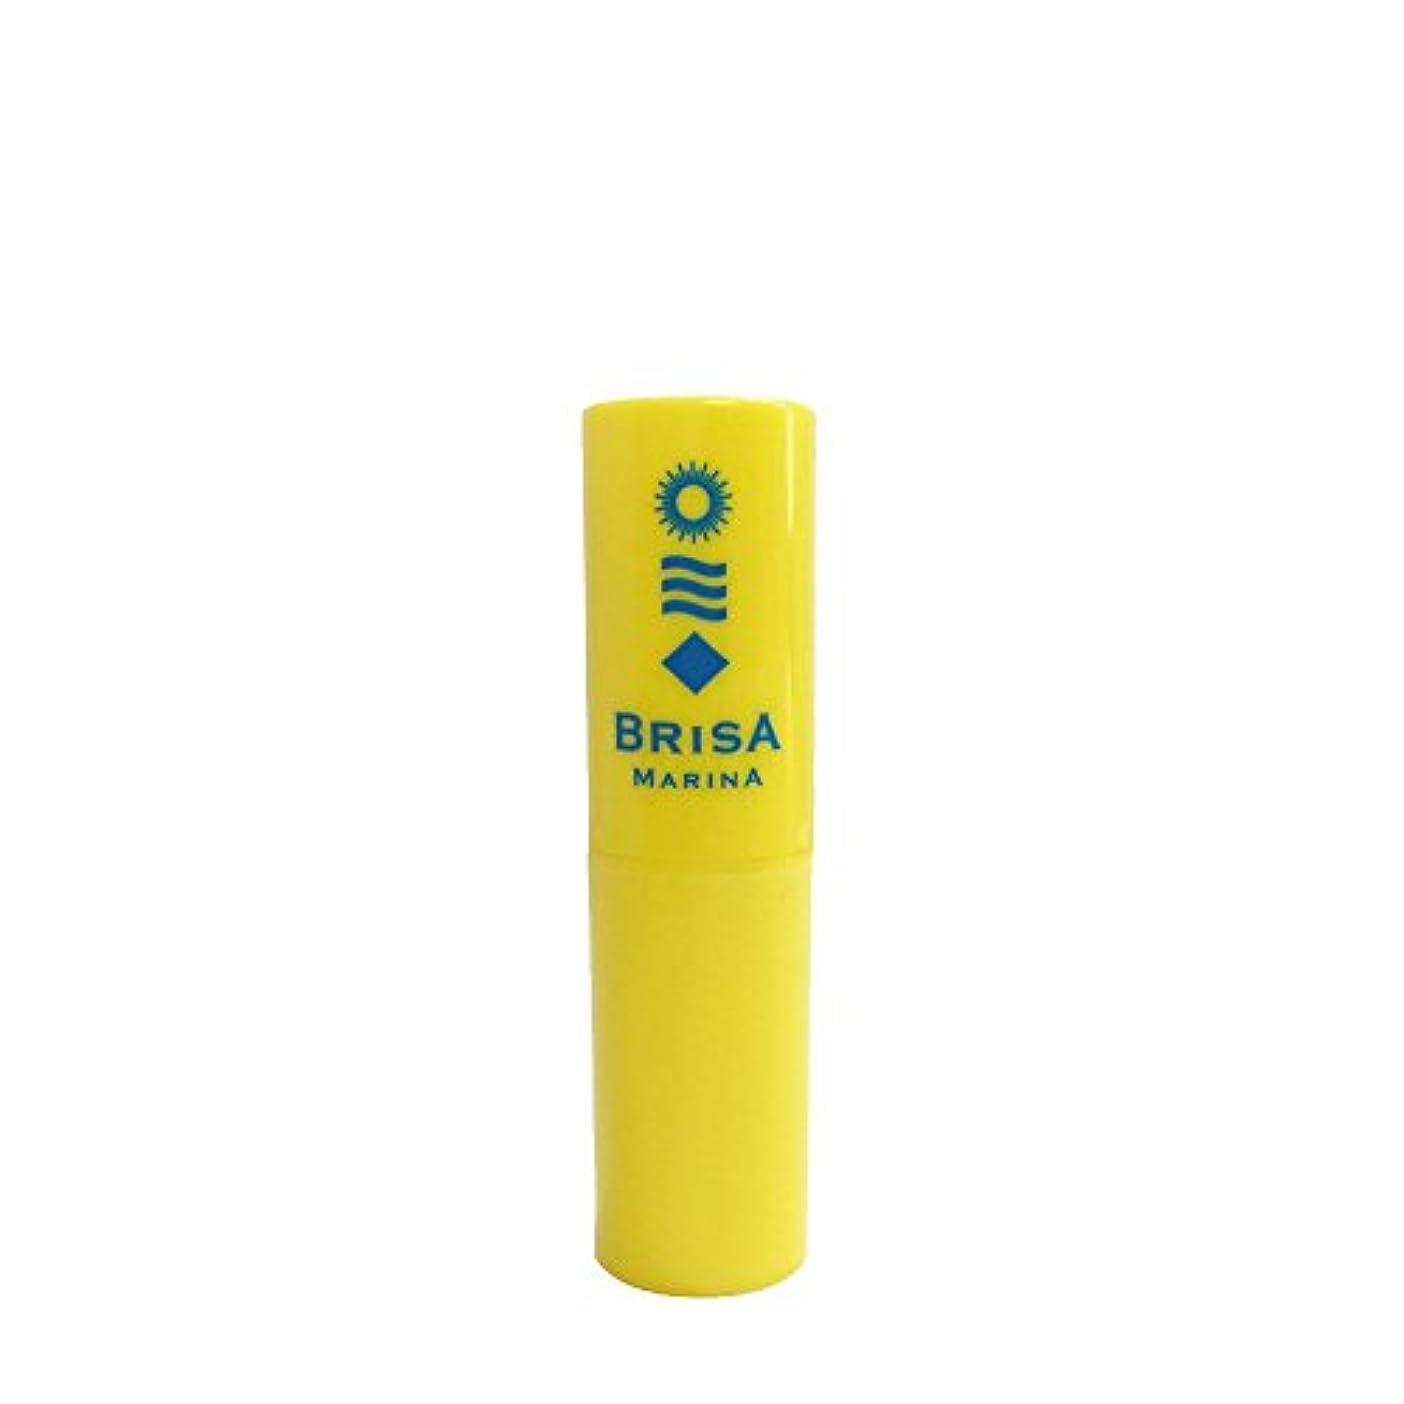 歩き回る櫛機密BRISA MARINA(ブリサ マリーナ) 日焼け止めUVリップ(クリア) 3g[SPF32 PA+++] Z-0CBM0016200 バリエーション不要